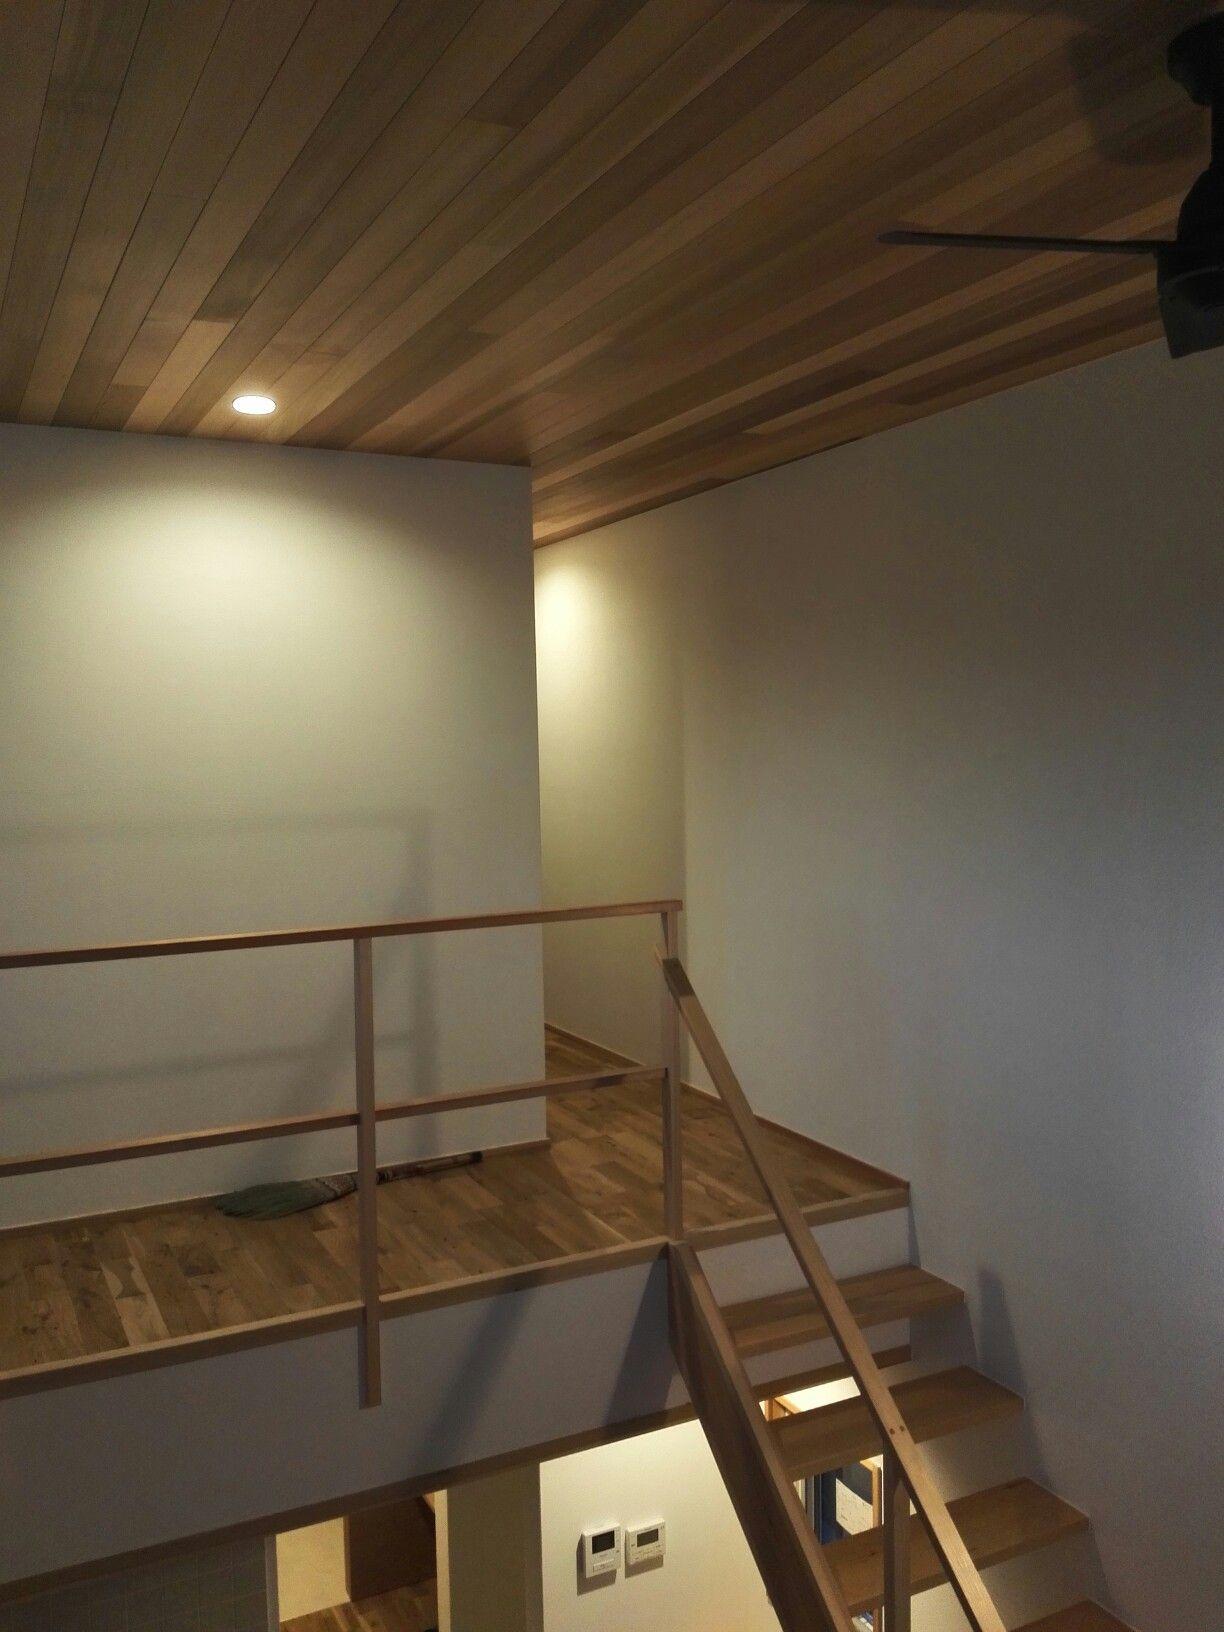 レッドシダー天井 吹き抜け 階段 Kizukiya の家 家 レッドシダー